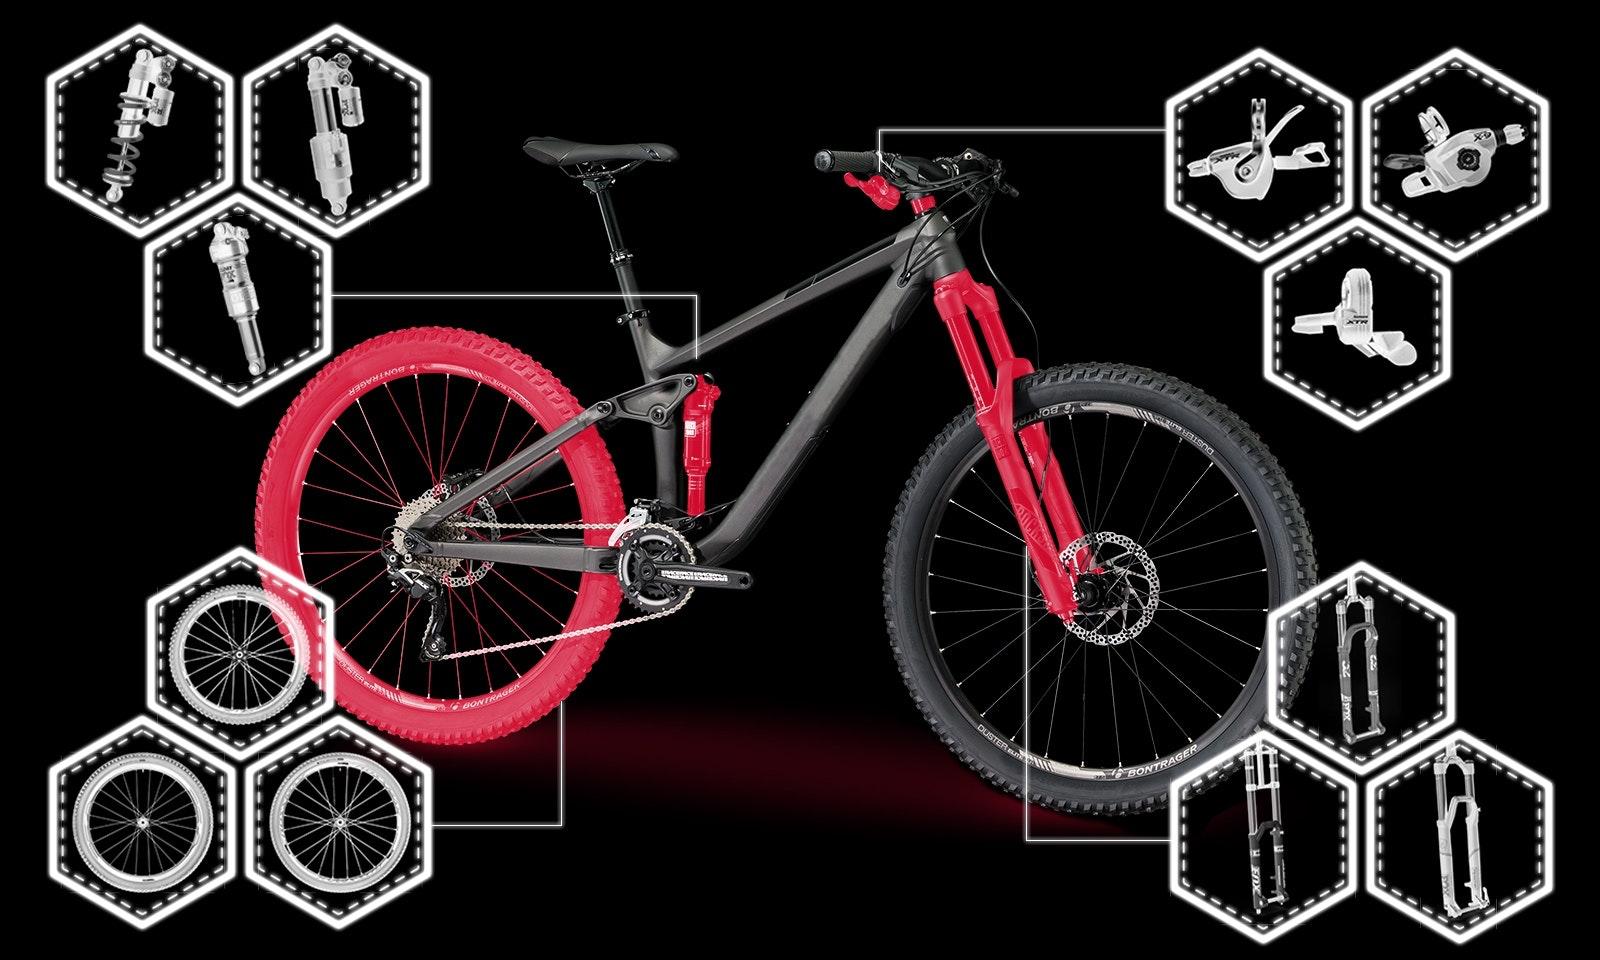 Best Value Mountain Bike Upgrades